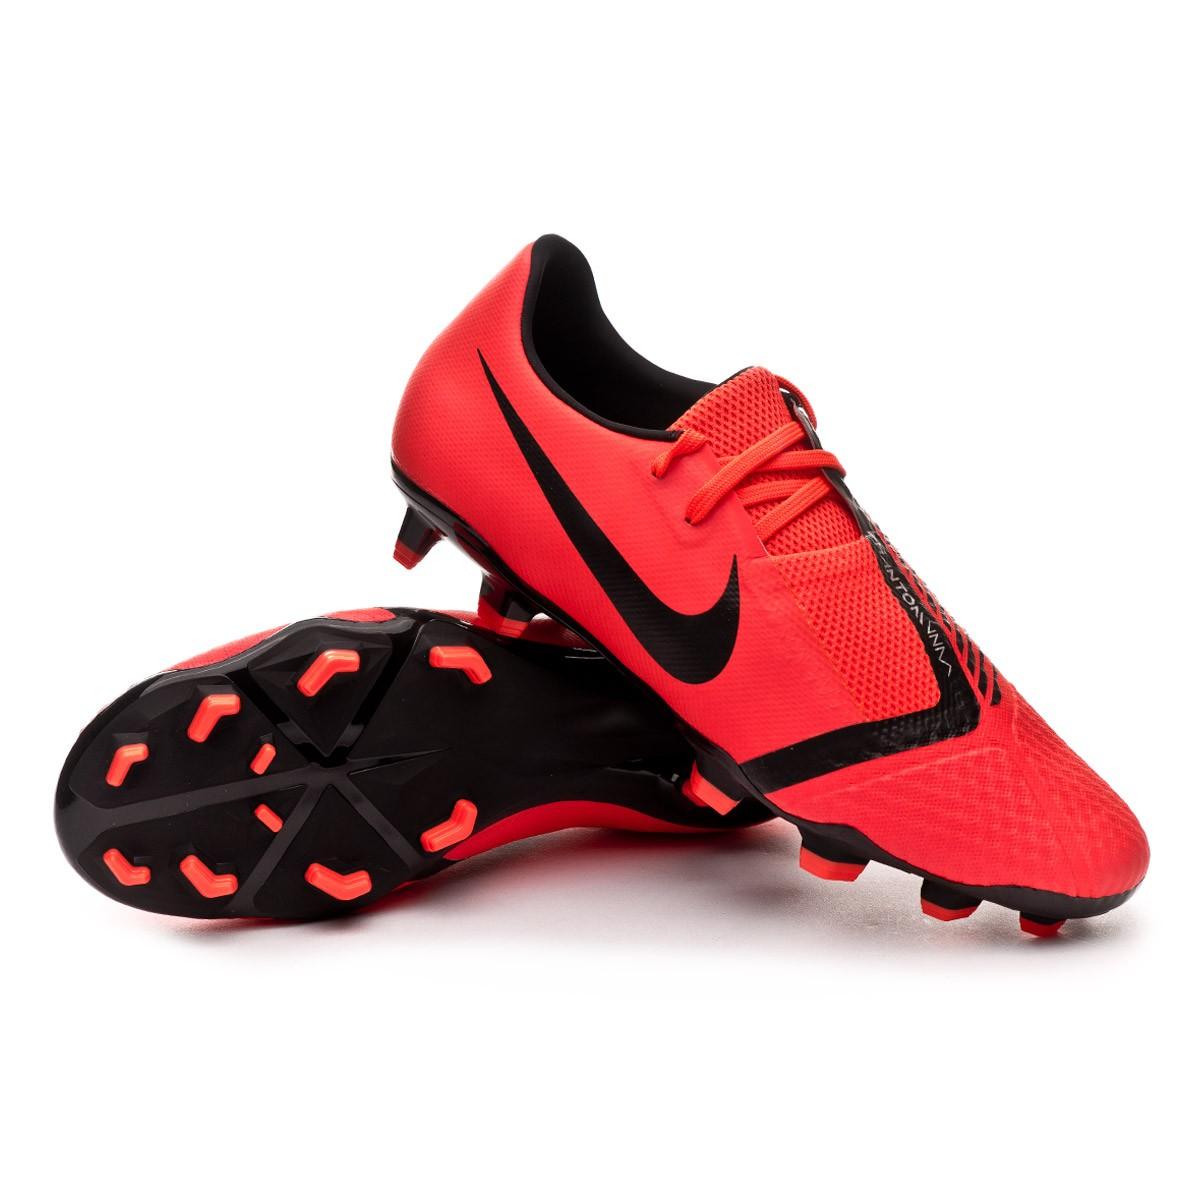 Football Boots Nike Phantom Venom